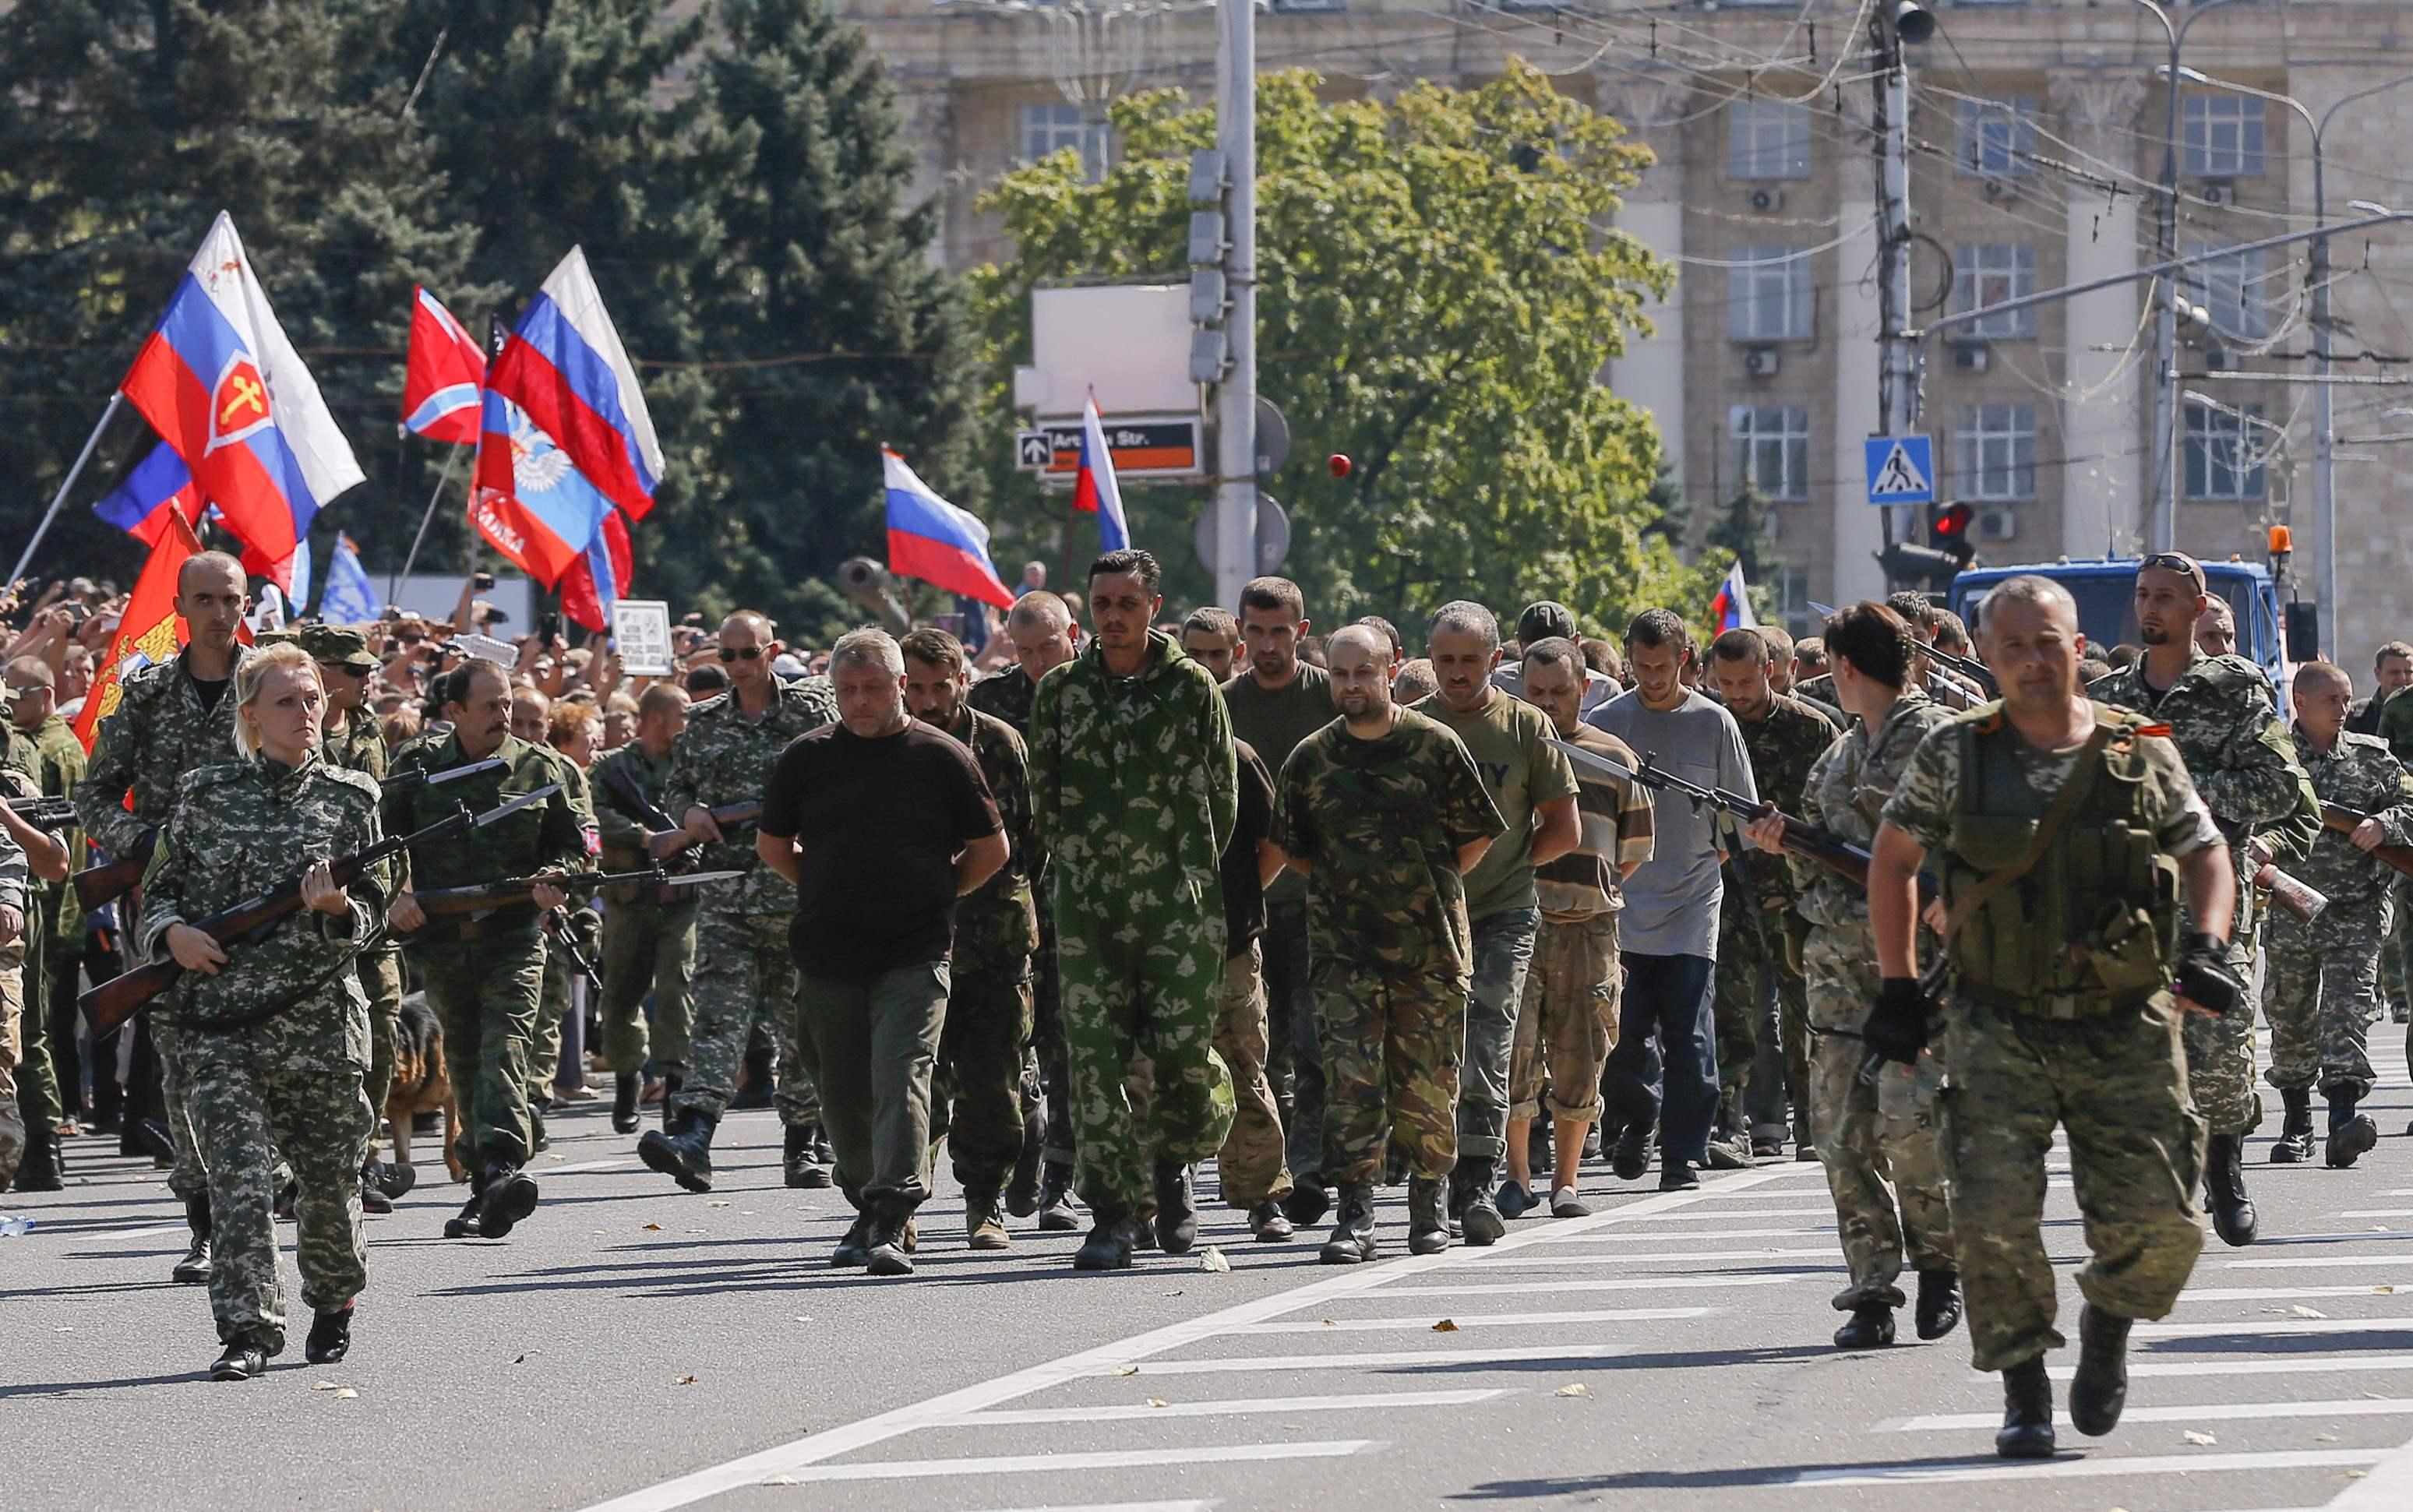 Менше половини переселенців з Донбасу мають постійну роботу, середньомісячний дохід на одну людину становить 2239 гривень, - звіт МОМ - Цензор.НЕТ 1193